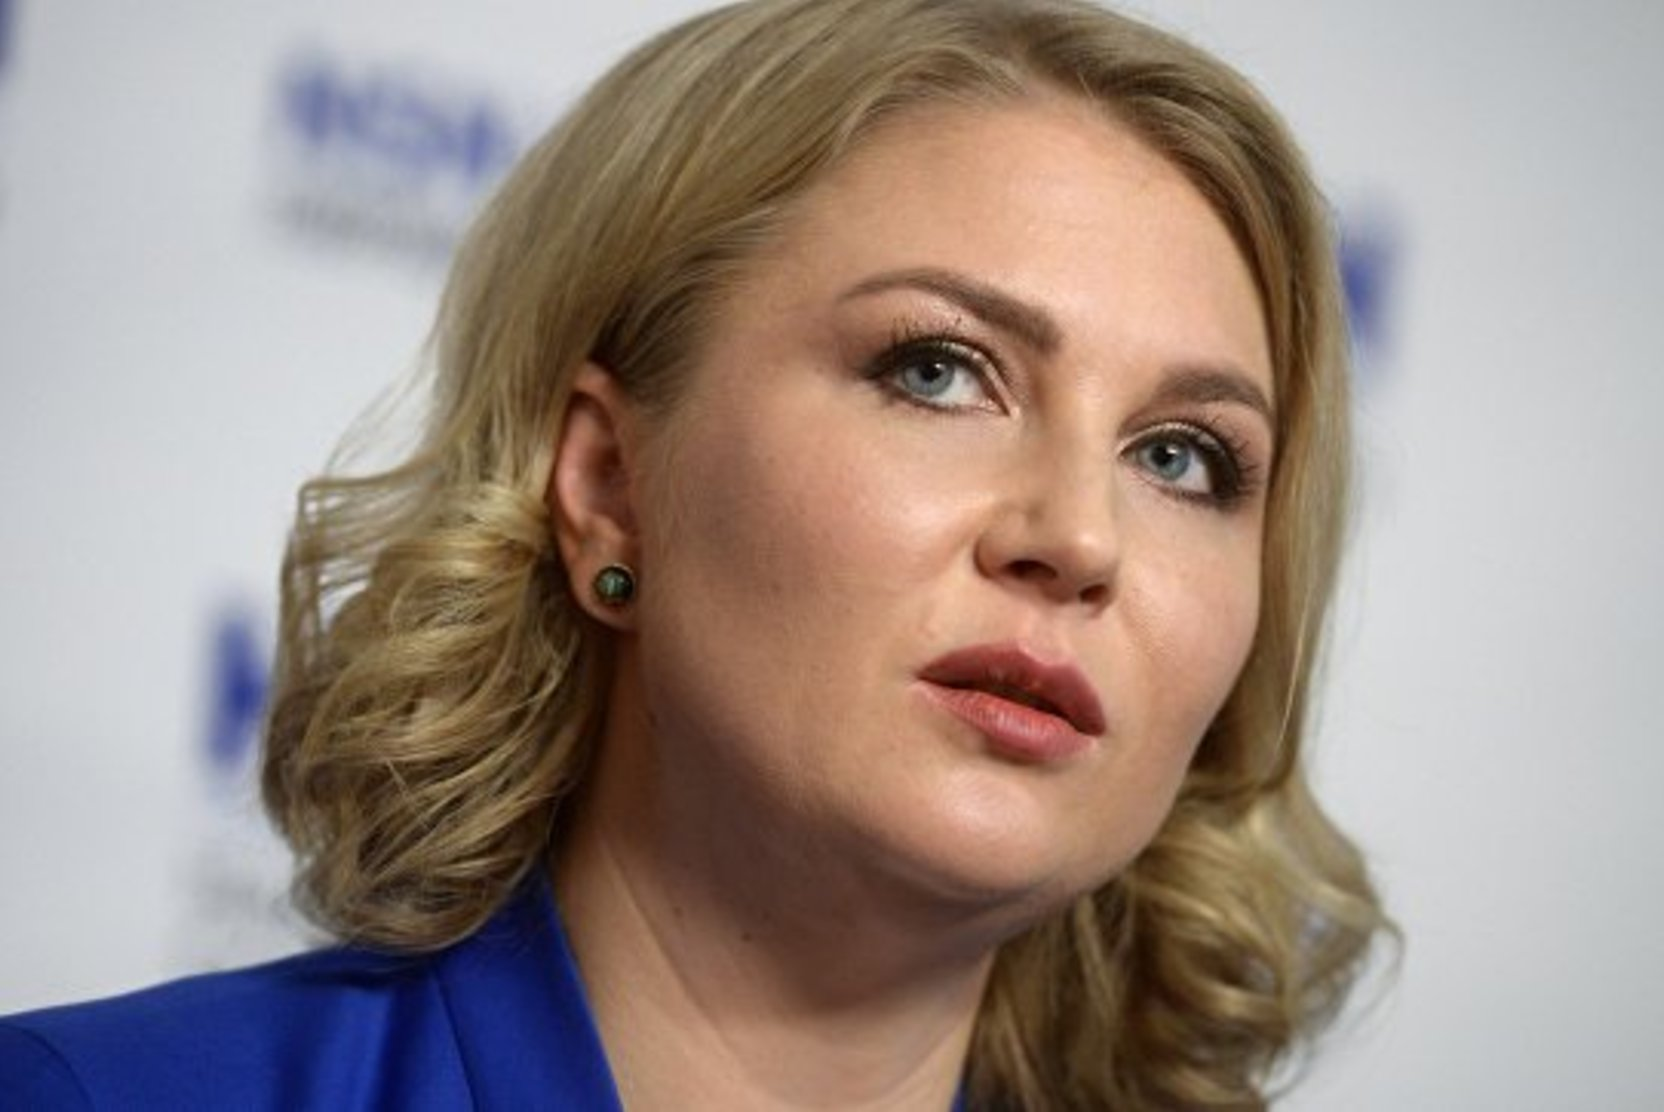 Омбудсмен Татарстана выразила соболезнования семьям погибших детей в школе Казани